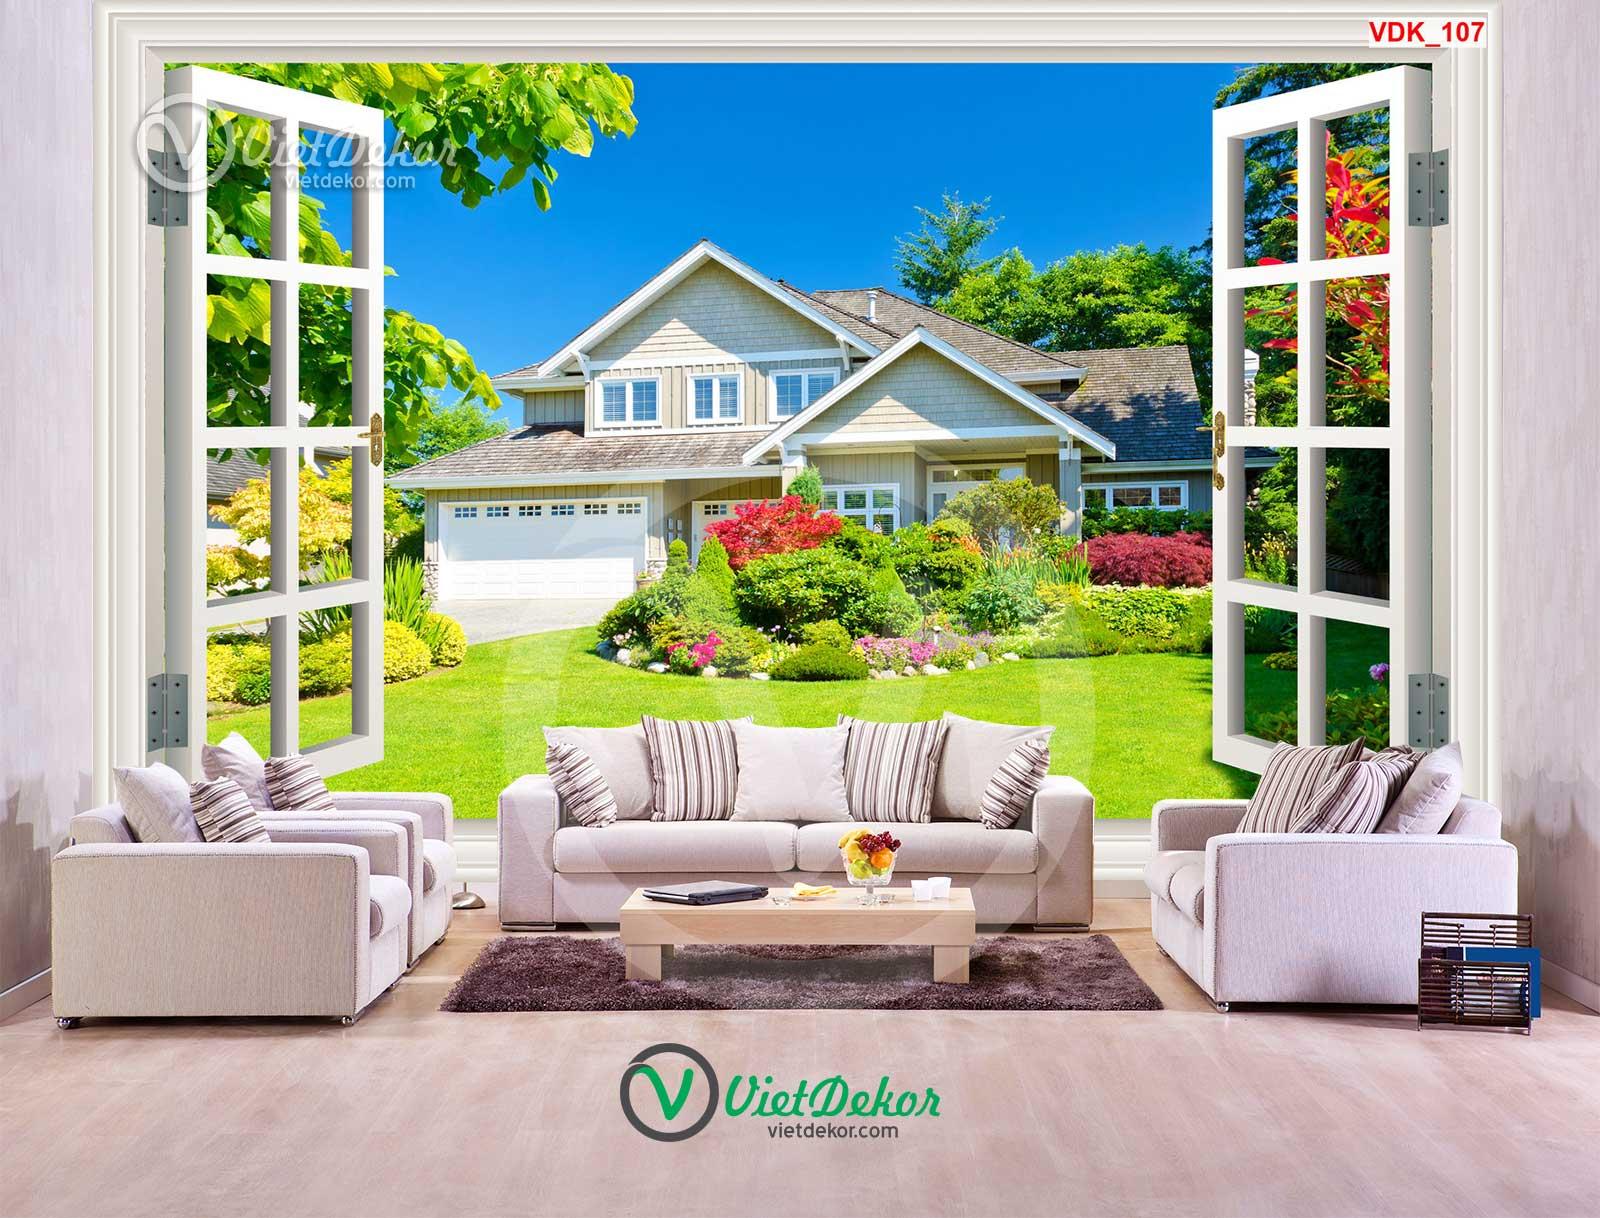 Tranh dán tường 3d cửa sổ phong cảnh